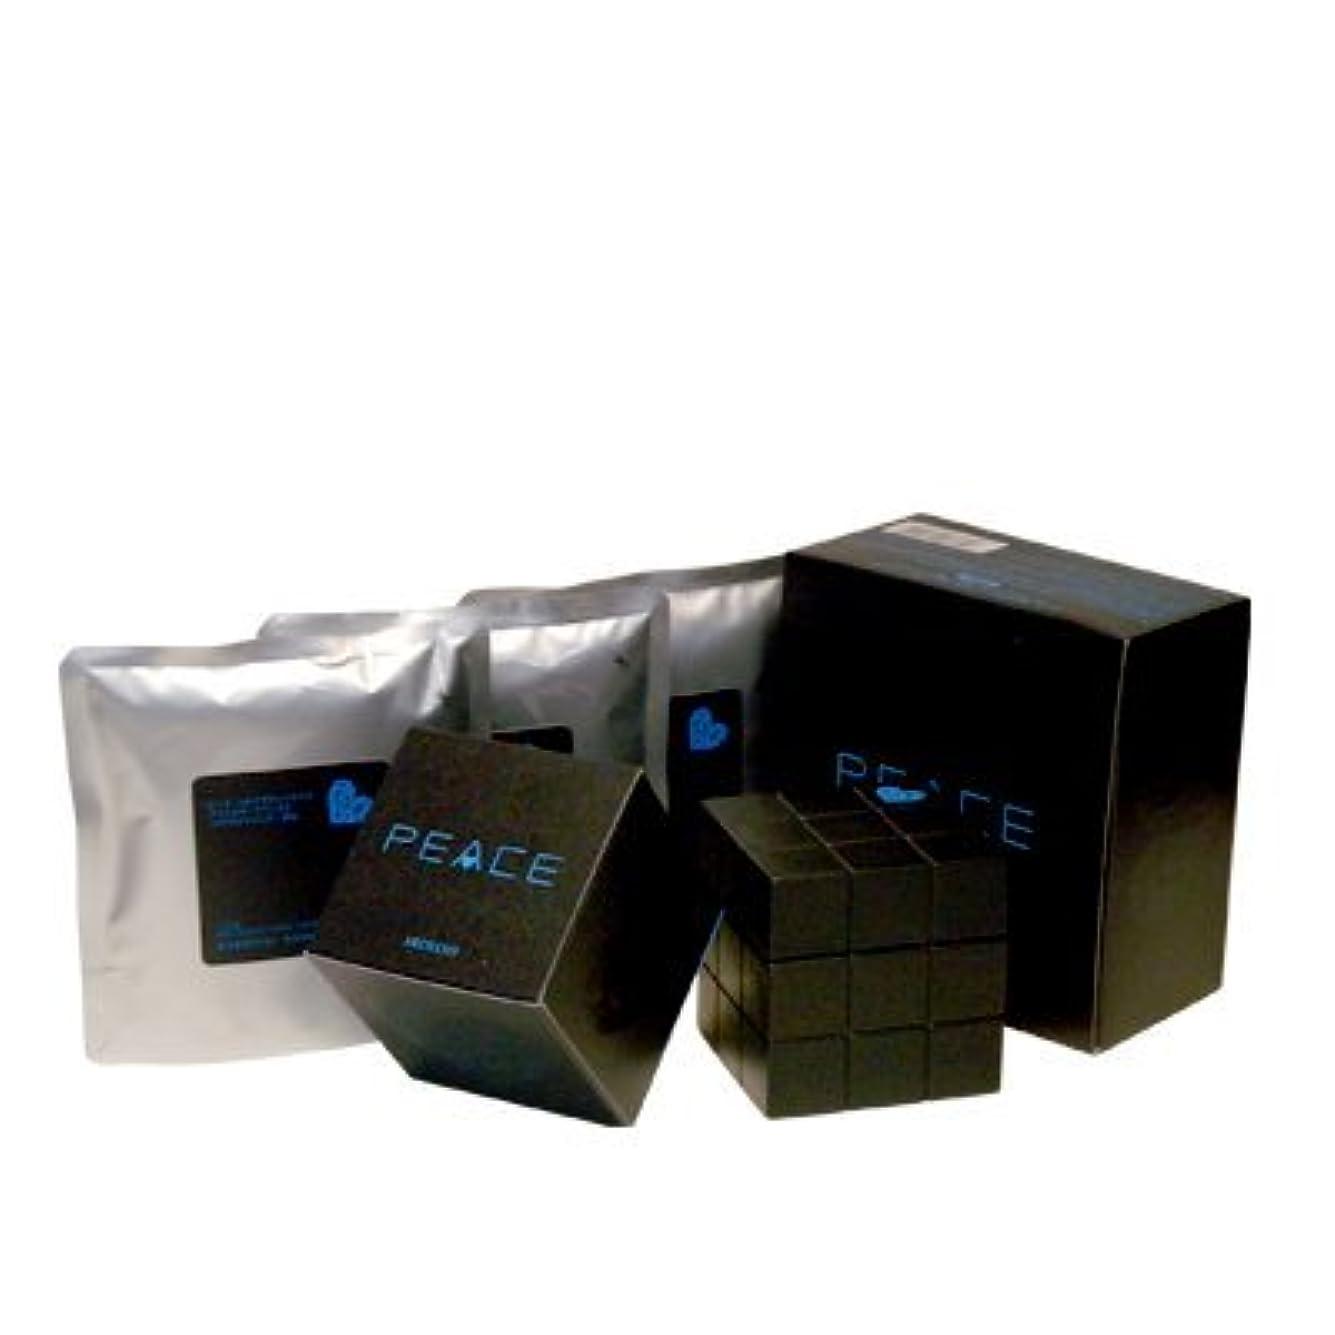 バックグラウンドカバー仲良しアリミノ ピース プロデザインシリーズ フリーズキープワックス ブラック80g+詰め替え80g×3